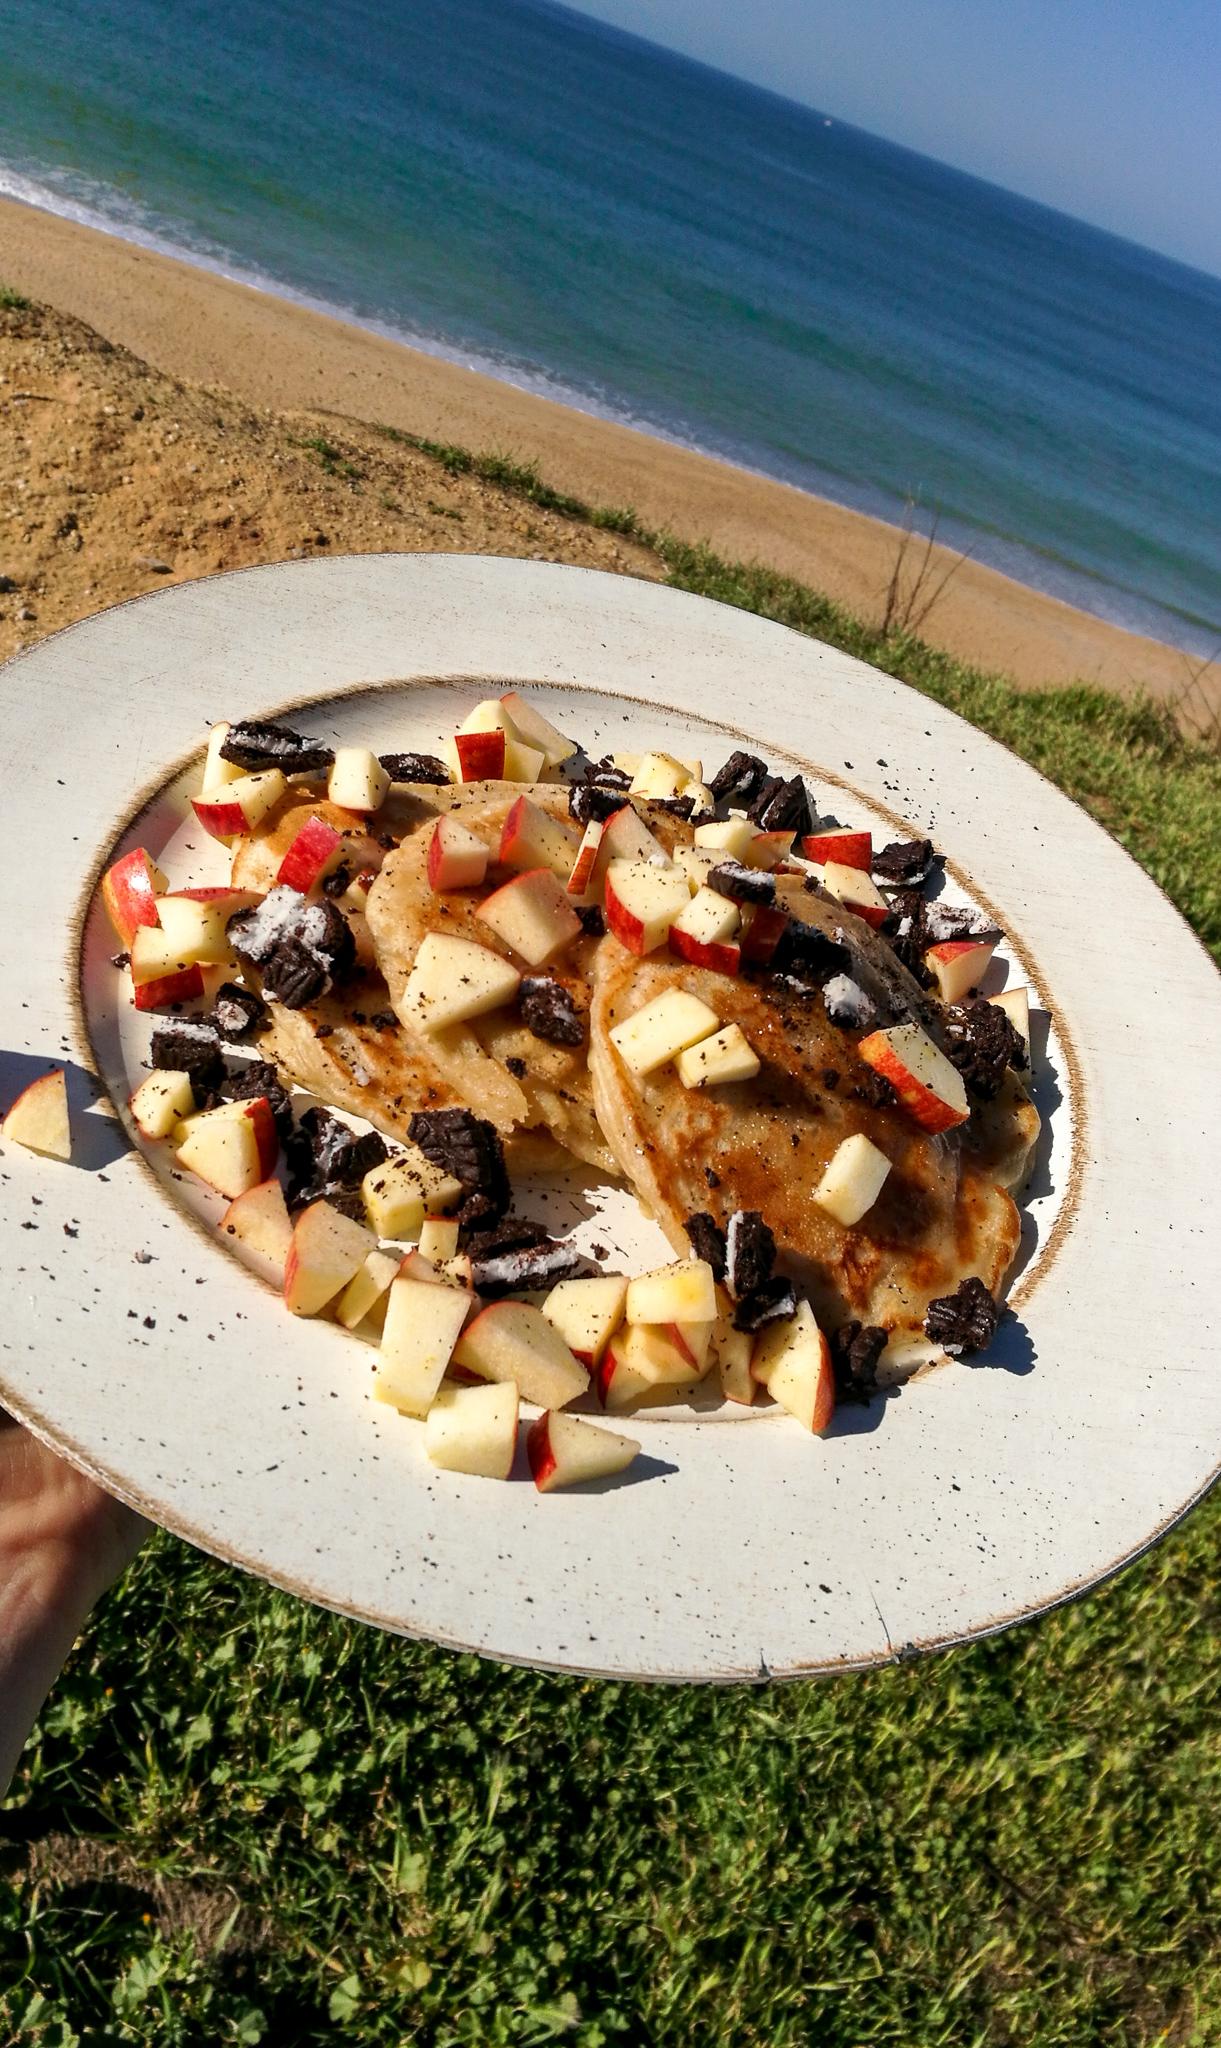 günstig-kochen-essen-reisen-rezeptidee-pancakes